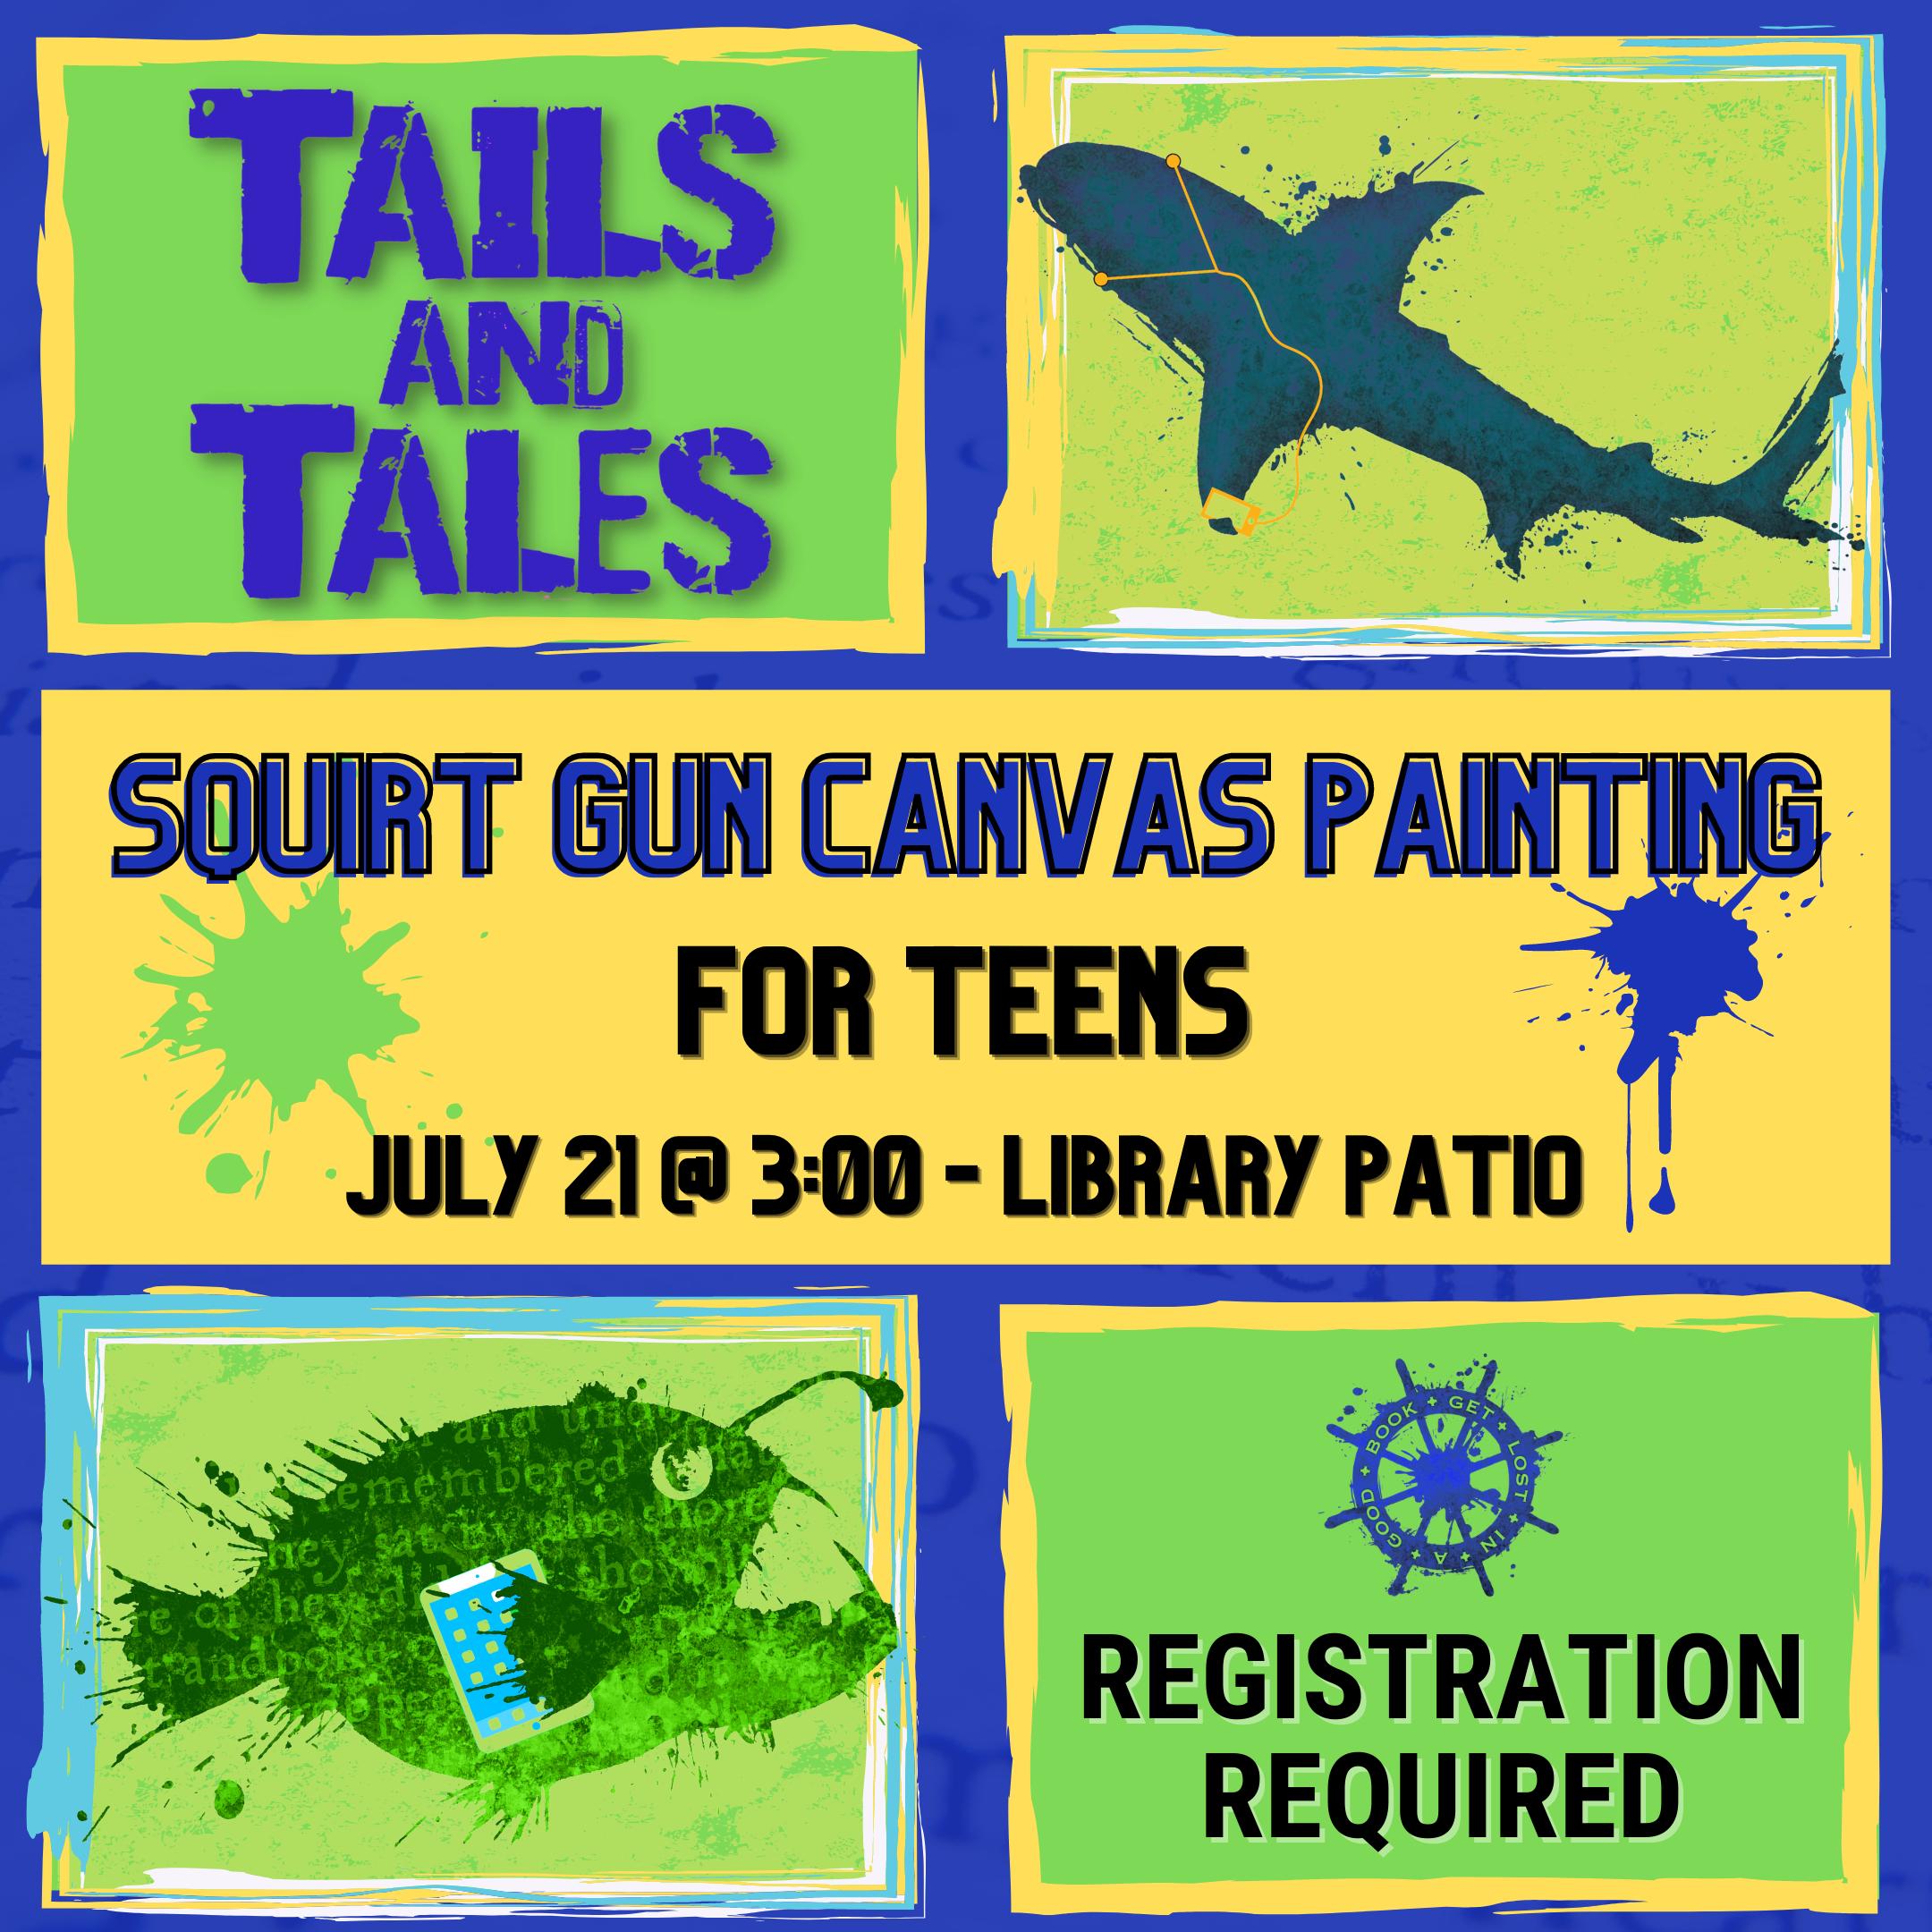 Teen Squirt Gun Canvas Painting